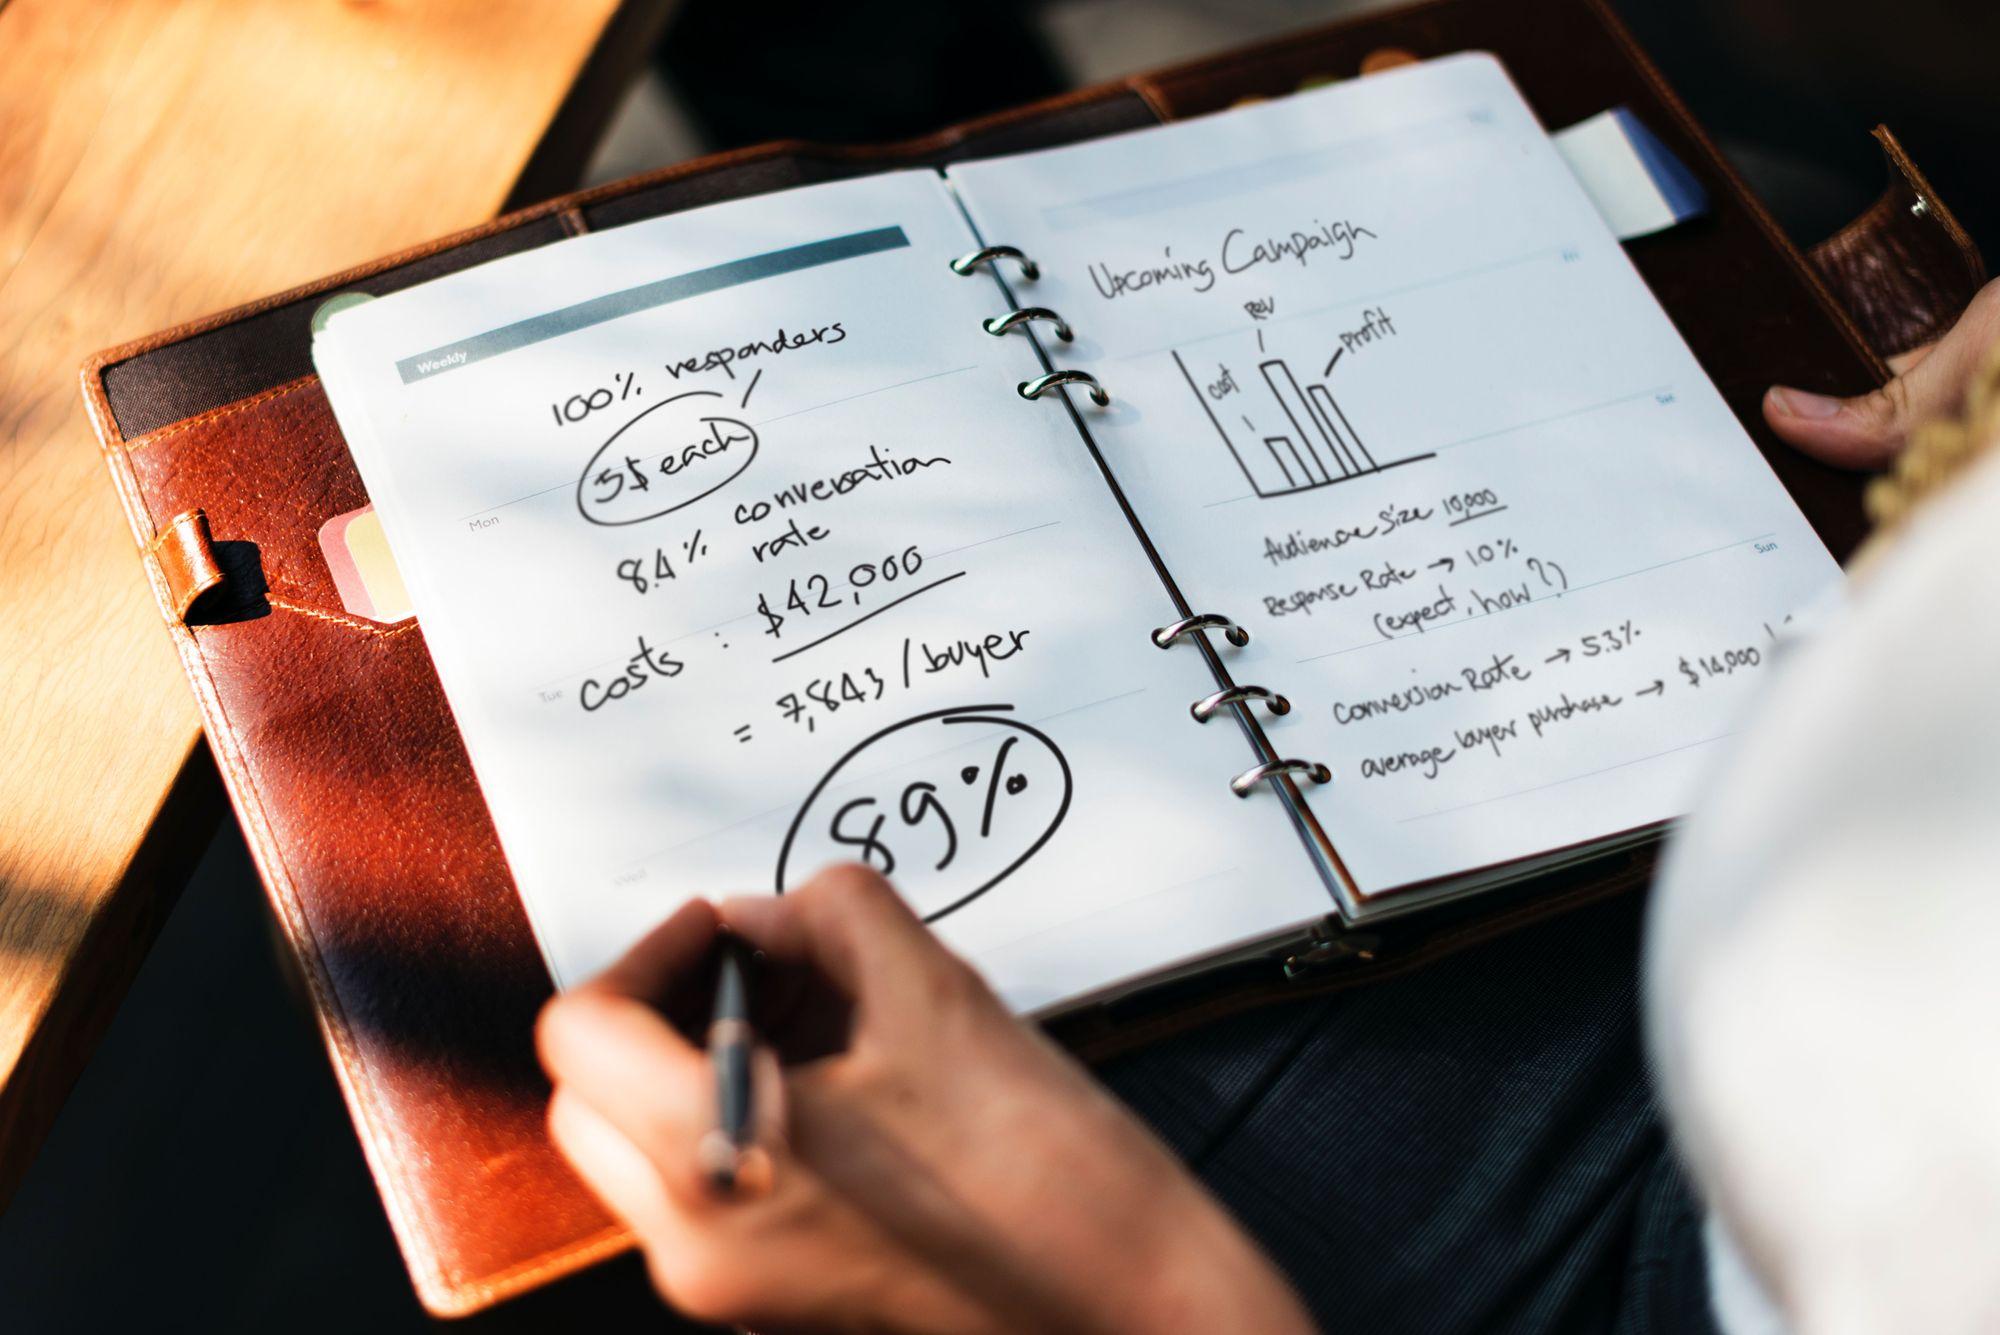 Réussir dans la vente : Bac +5 ou non - faut-il faire des études être commercial ?